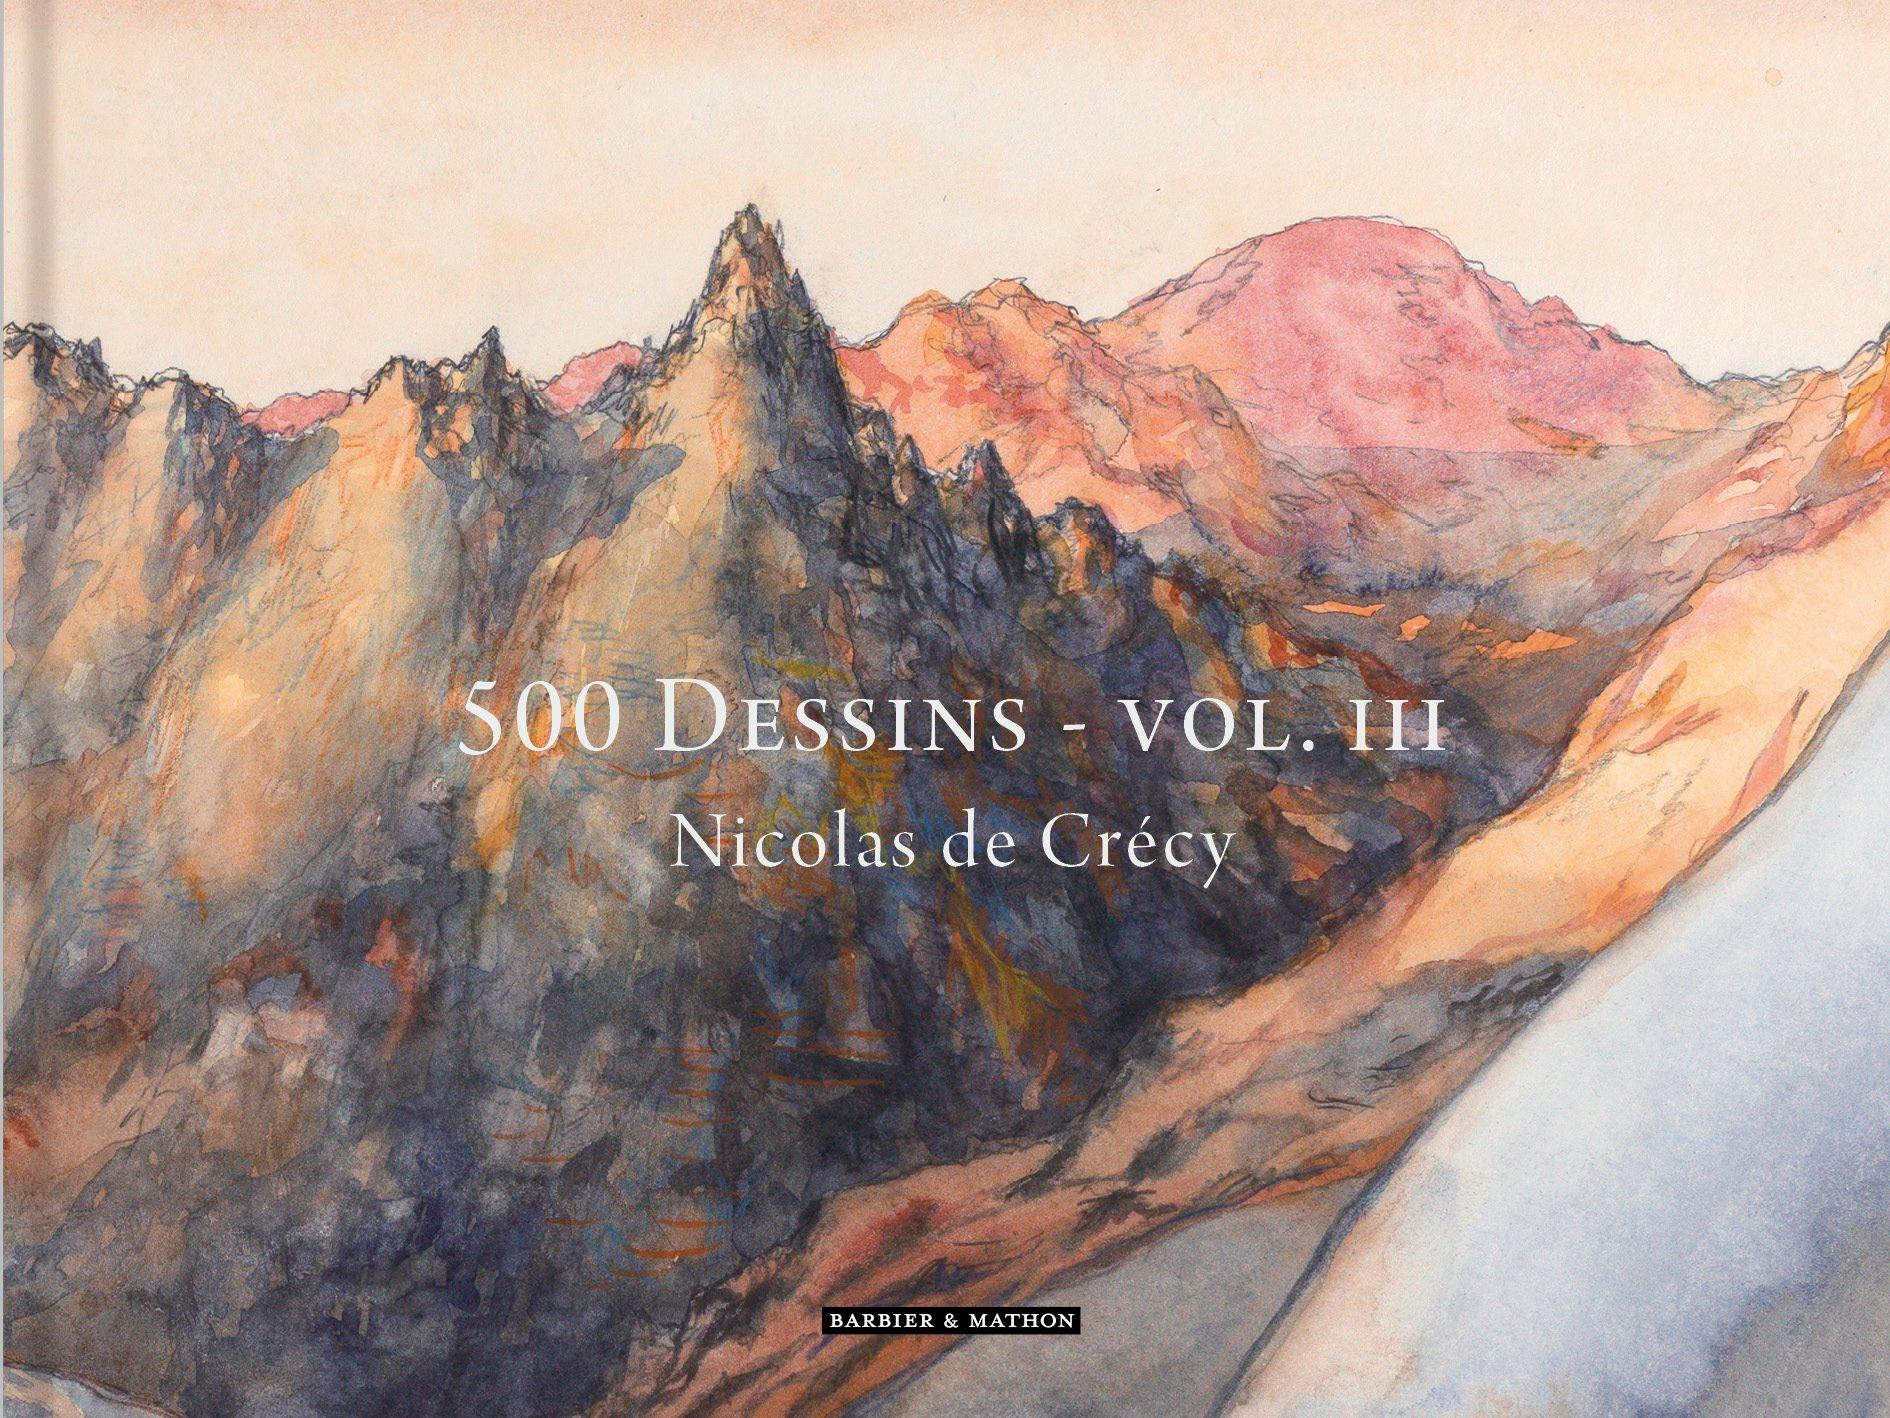 Couverture pour le 3e tome de « 500 dessins » (Makassar, 2018), où l'auteur présente des extraits de ses carnets de voyages au Japon, en Italie, en Corse, en Slovénie ou à Paris.